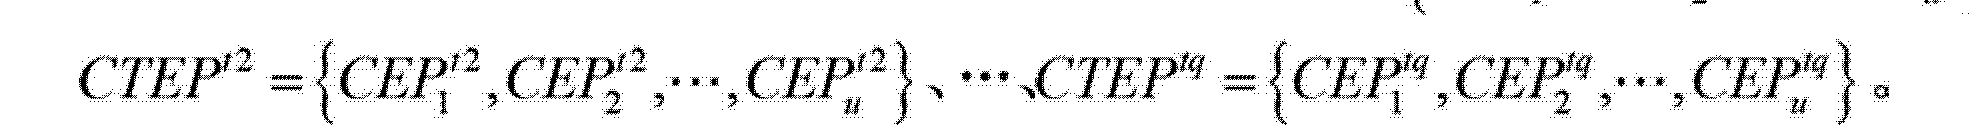 Figure CN103018759BD00172